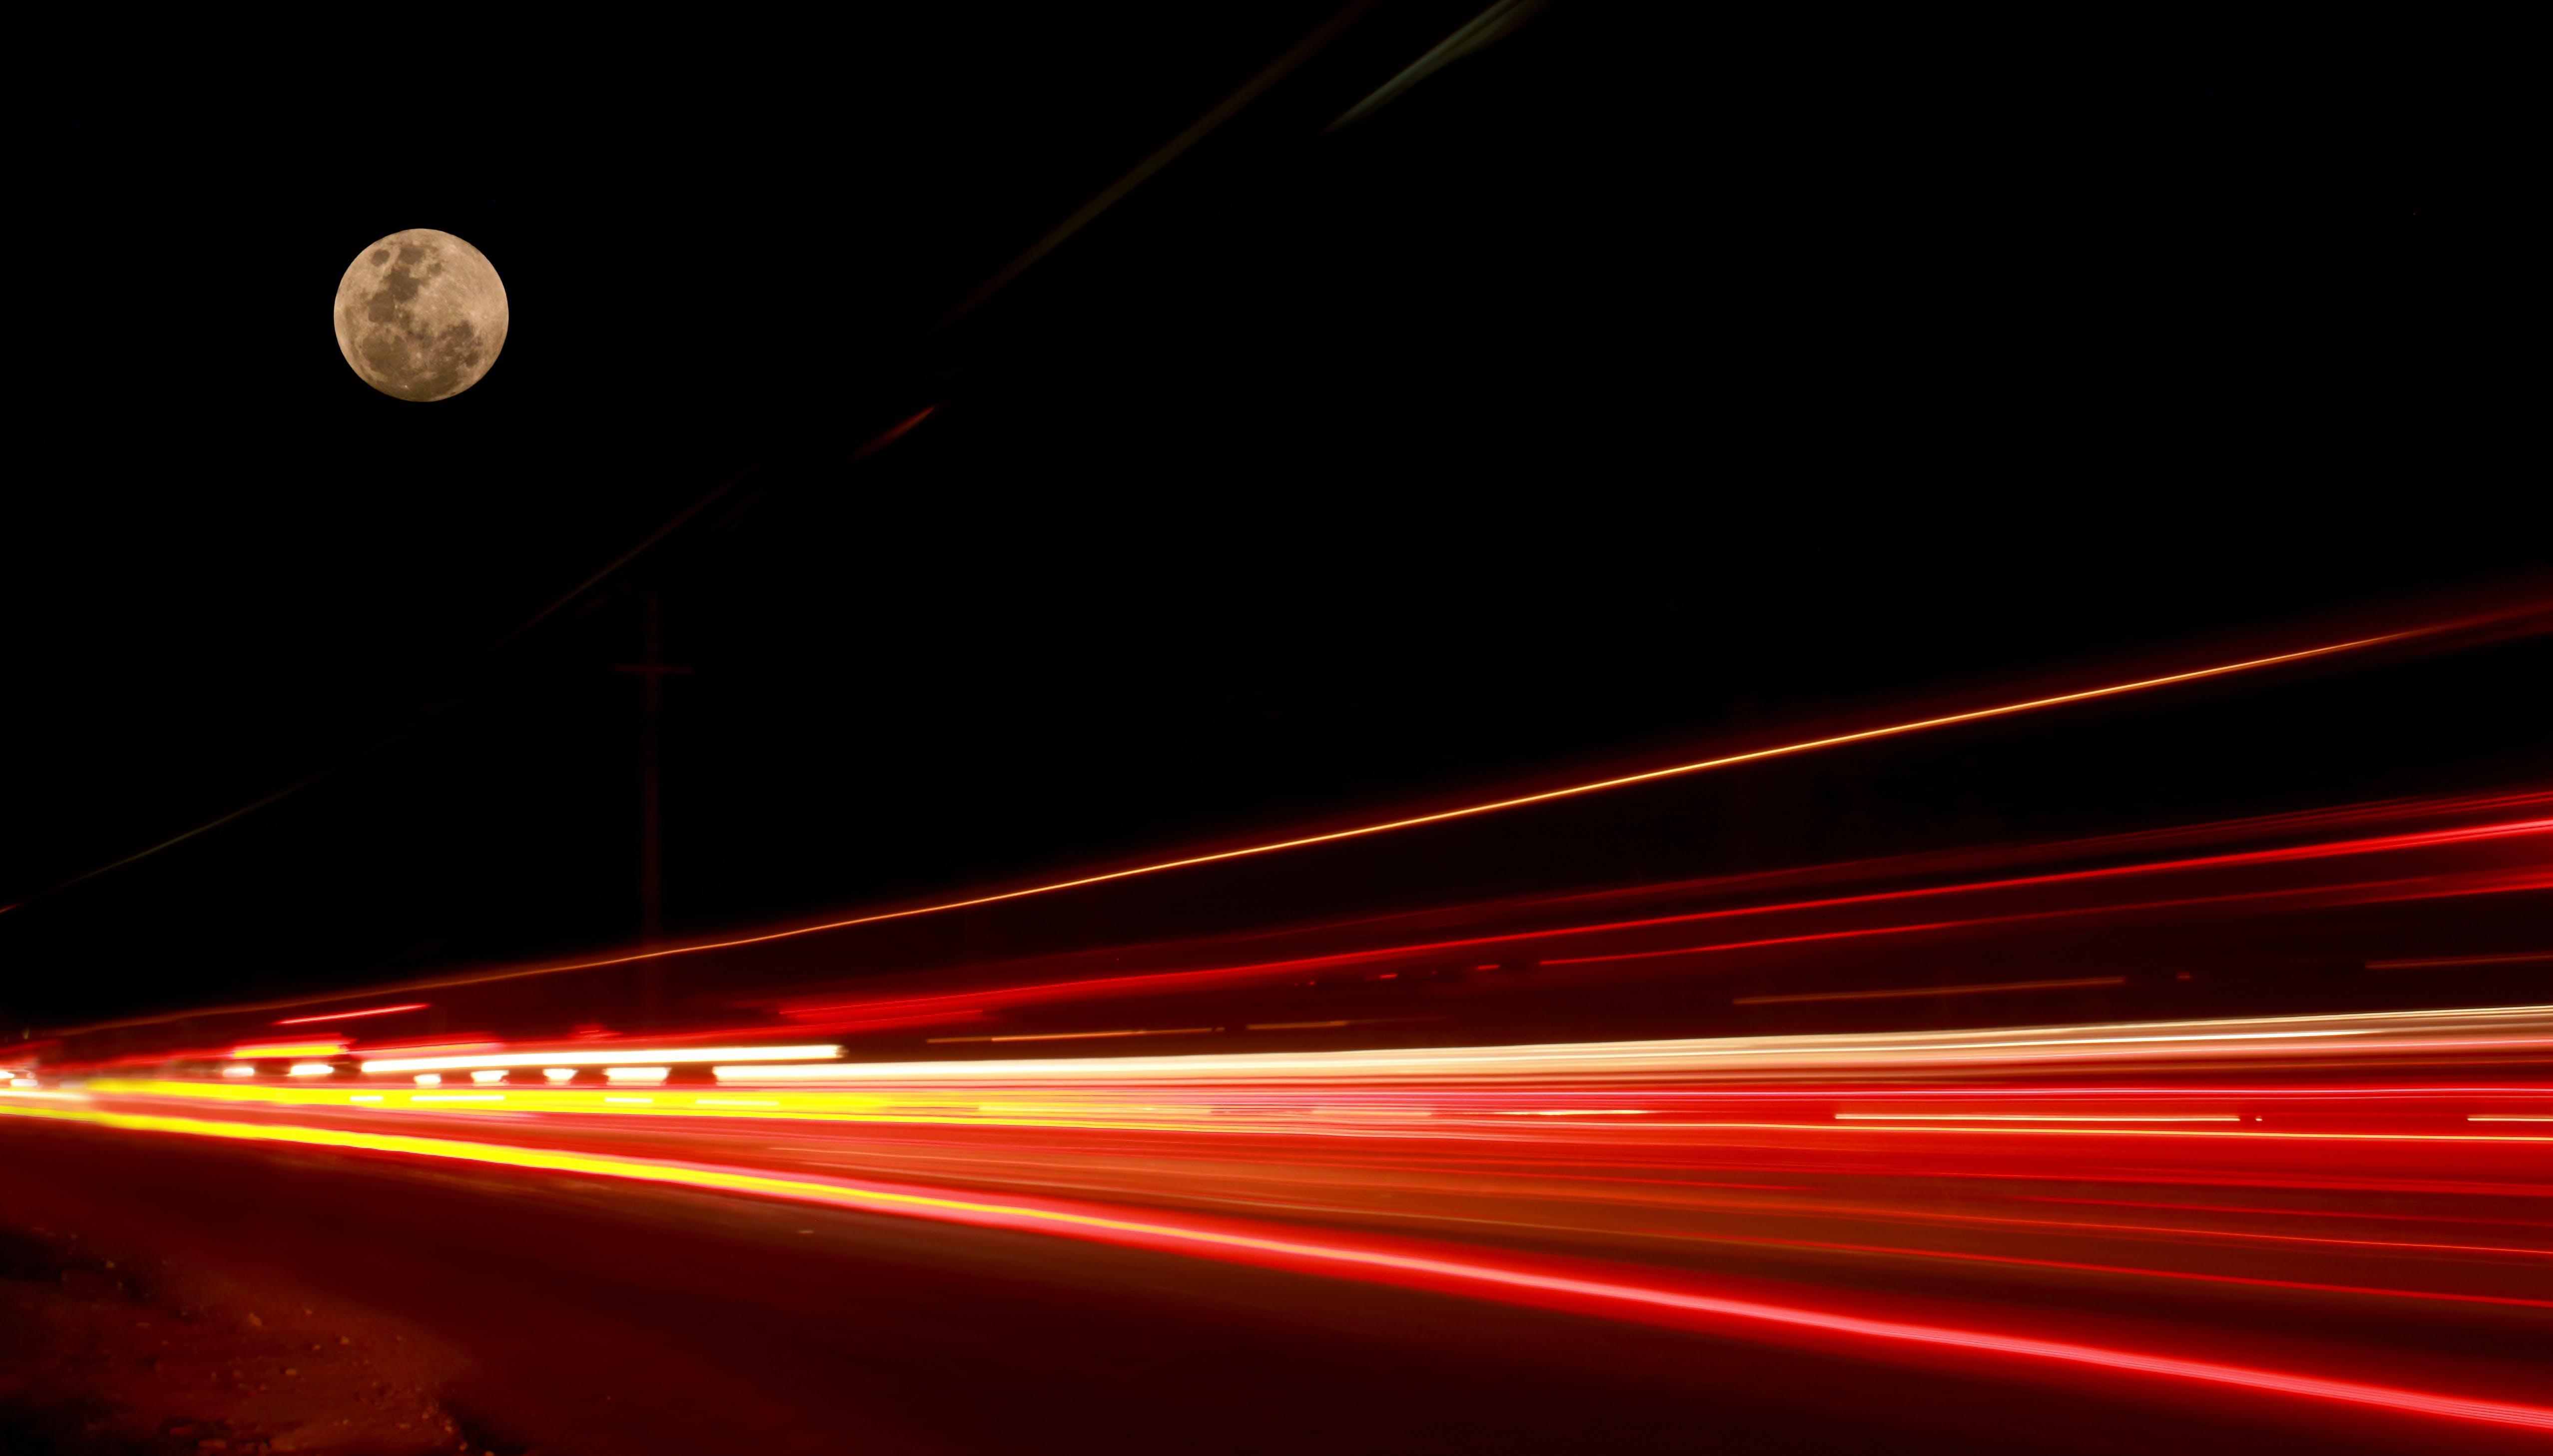 Δωρεάν στοκ φωτογραφιών με αργό κλείστρο, γρήγορος, διπλή έκθεση, δρόμος